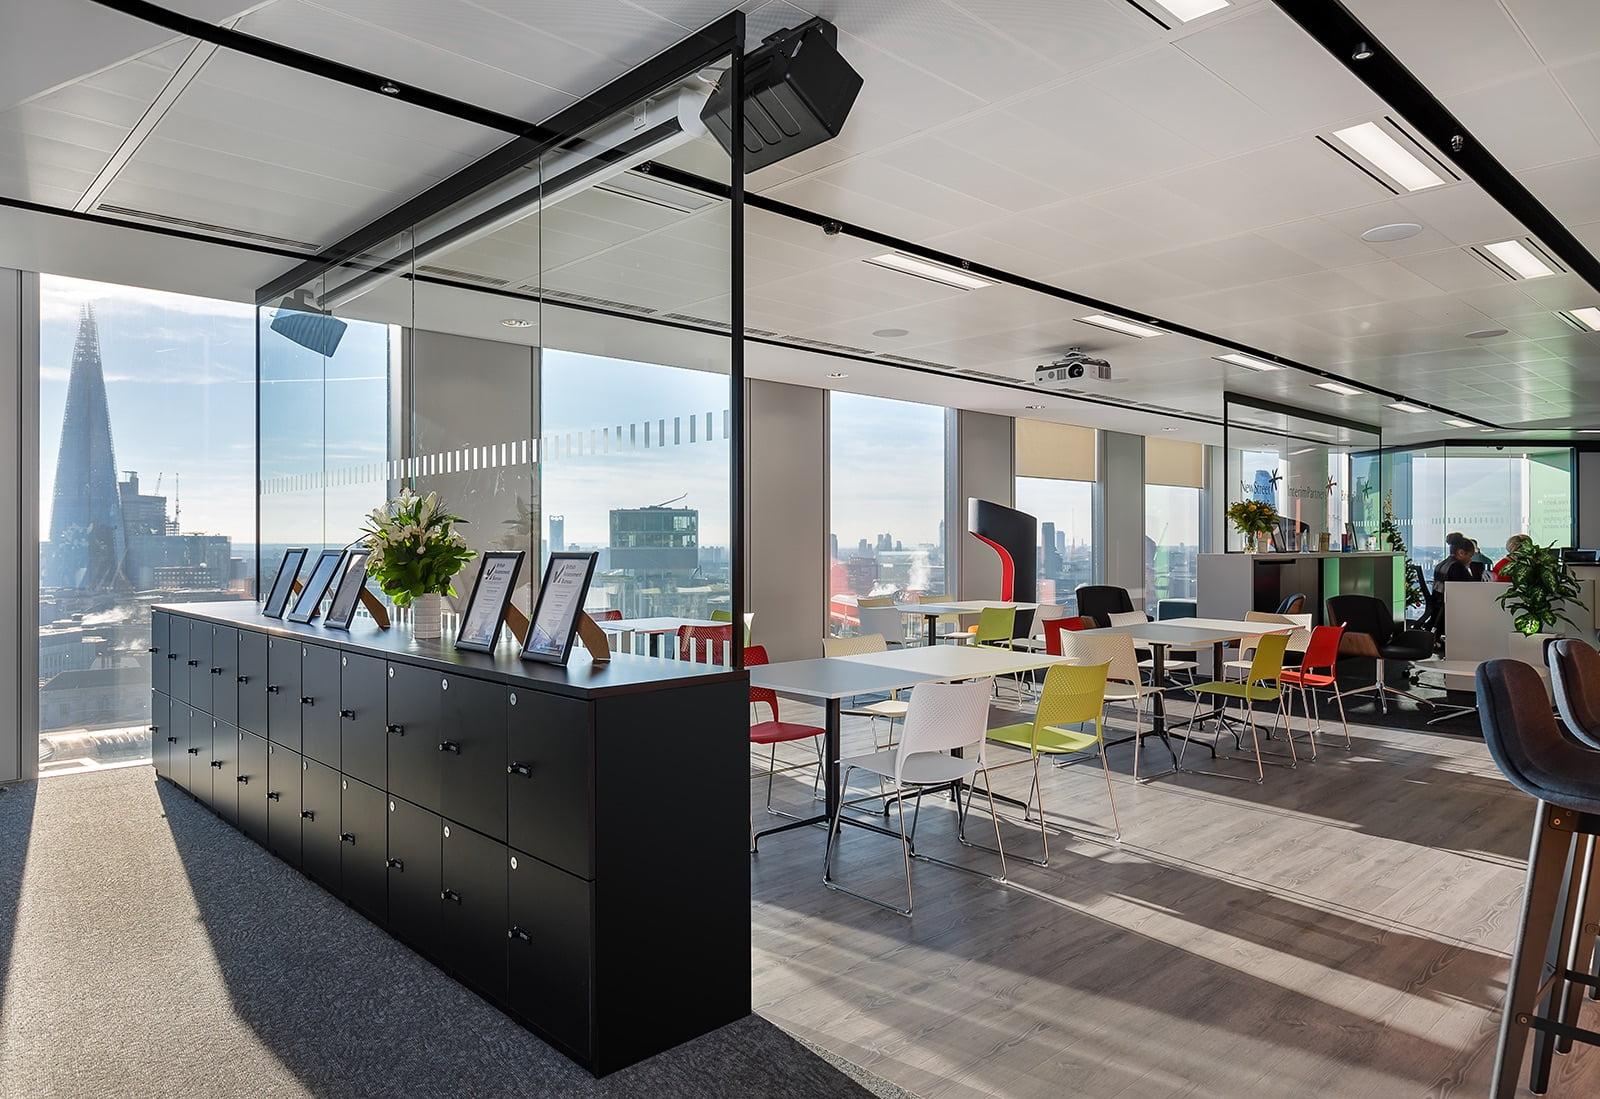 báo giá thiết kế nội thất văn phòng 6